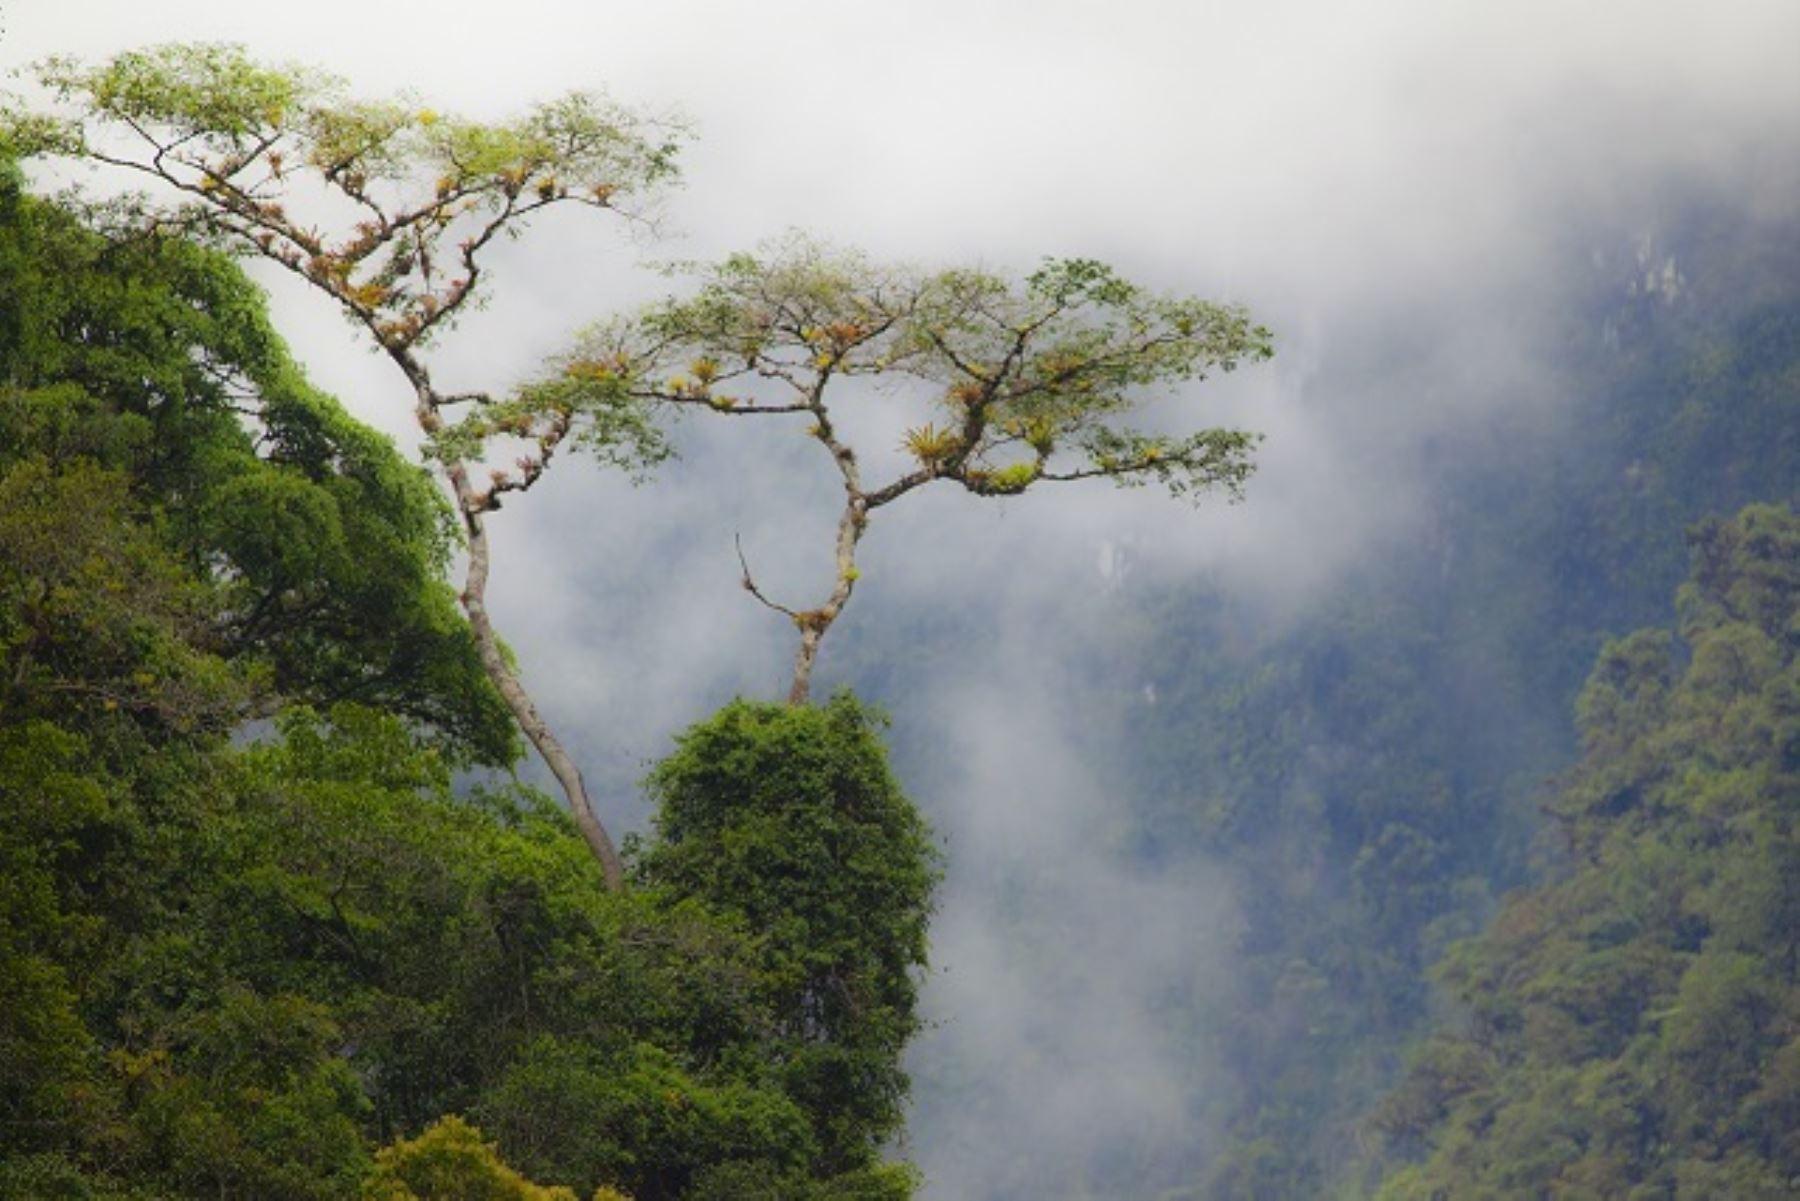 La Reserva Comunal Chayu Nain está ubicada en los distritos de Aramango e Imasa, en la provincia de Bagua y en el distrito de Cajaruro, provincia de Utcubamba, departamento de Amazonas. Su extensión es de 23,597.76 hectáreas y comprende una muestra de los bosques montanos o yungas del norte del Perú.